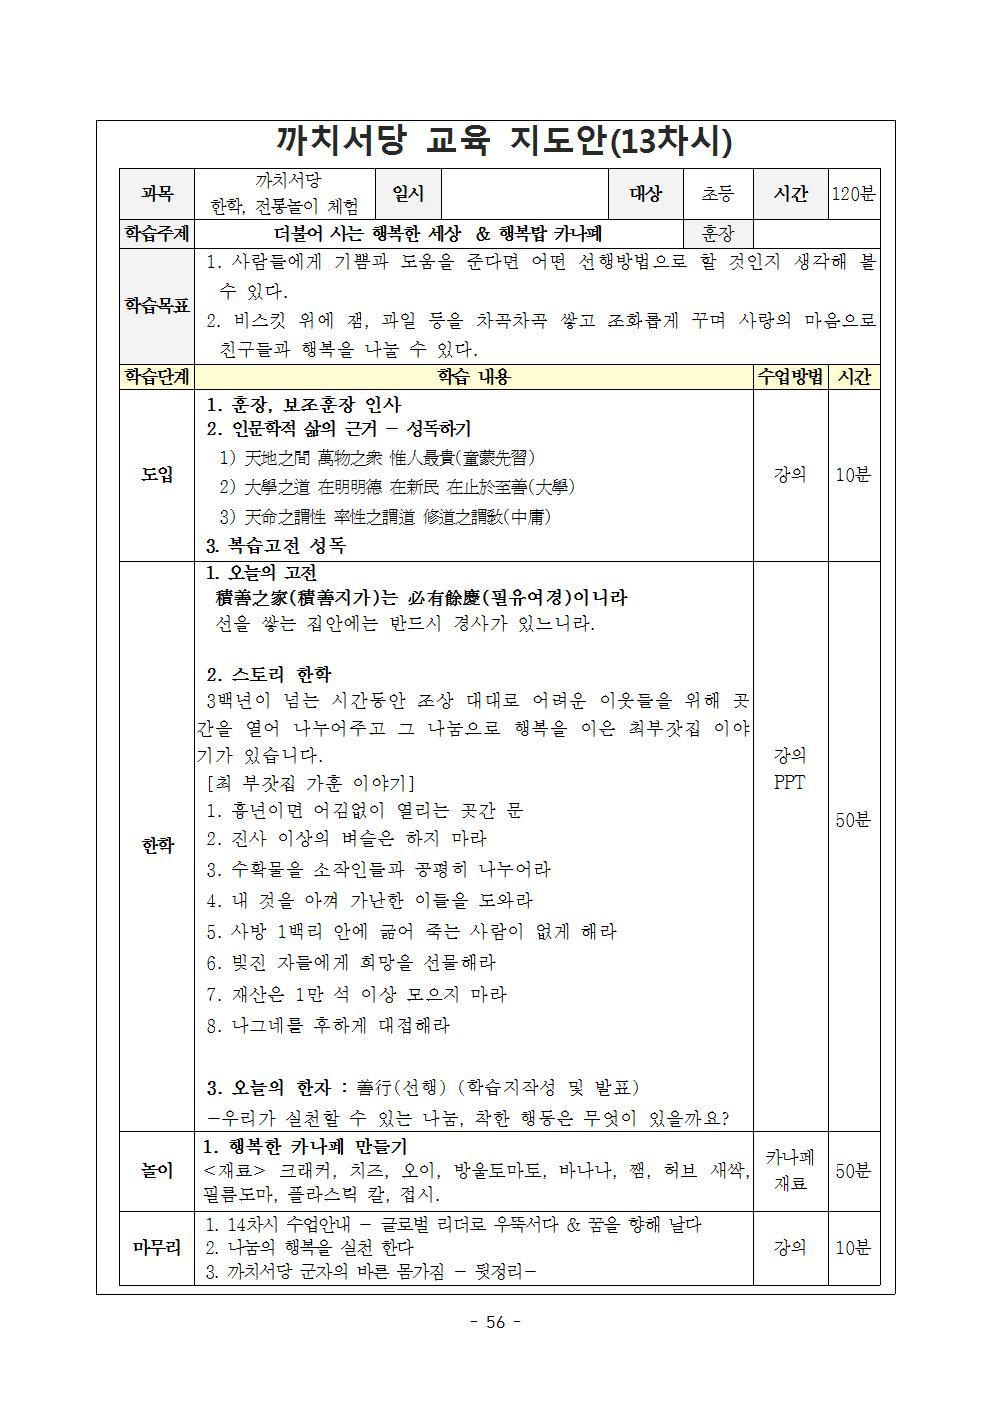 [인증]인성교육프로그램 인중 신청-까치서당(까치서당에서 군자되다)한국지역사회교육협의회 추가서류수정056.jpg